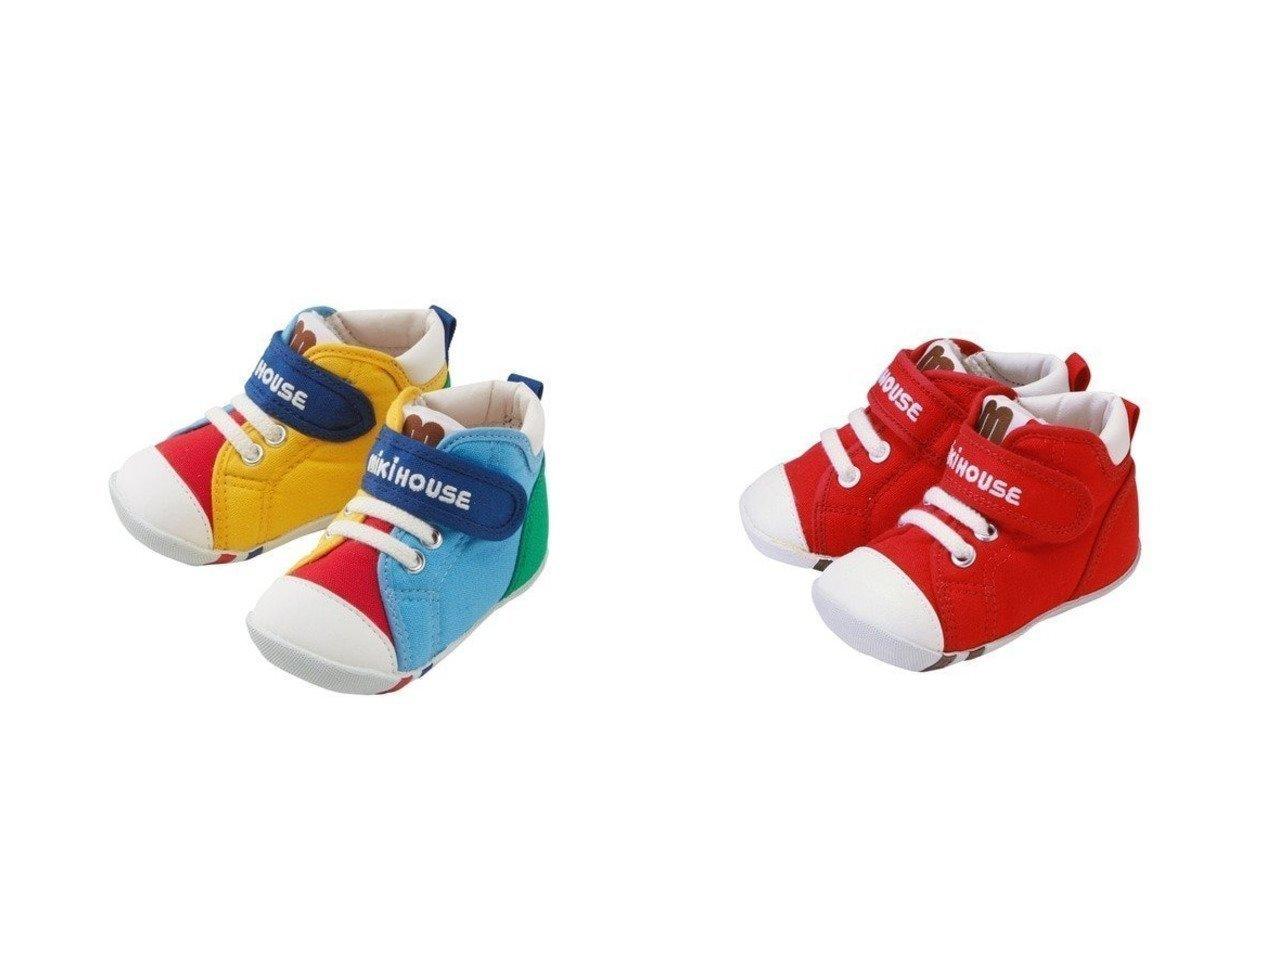 【MIKI HOUSE HOT BISCUITS / KIDS/ミキハウスホットビスケッツ】の【MIKIHOUSE】【日本製】ベビーシューズ 【KIDS】子供服のおすすめ!人気トレンド・キッズファッションの通販 おすすめで人気の流行・トレンド、ファッションの通販商品 メンズファッション・キッズファッション・インテリア・家具・レディースファッション・服の通販 founy(ファニー) https://founy.com/ ファッション Fashion キッズファッション KIDS 送料無料 Free Shipping カラフル シューズ シンプル ベビー |ID:crp329100000015240